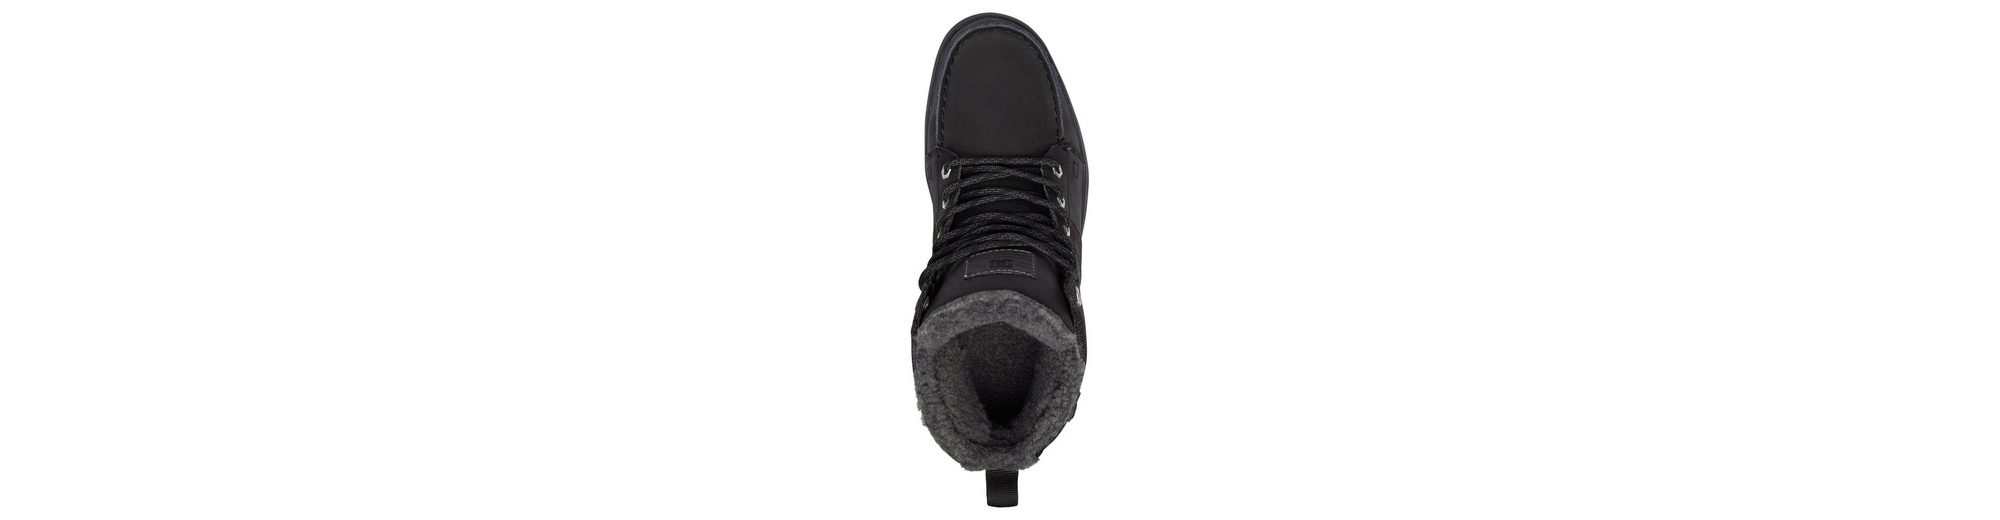 DC Shoes Outdoor-Schuhe Woodland Verkauf Heißen Verkauf Spielraum Manchester Finish Günstig Online Spielraum ASBejK